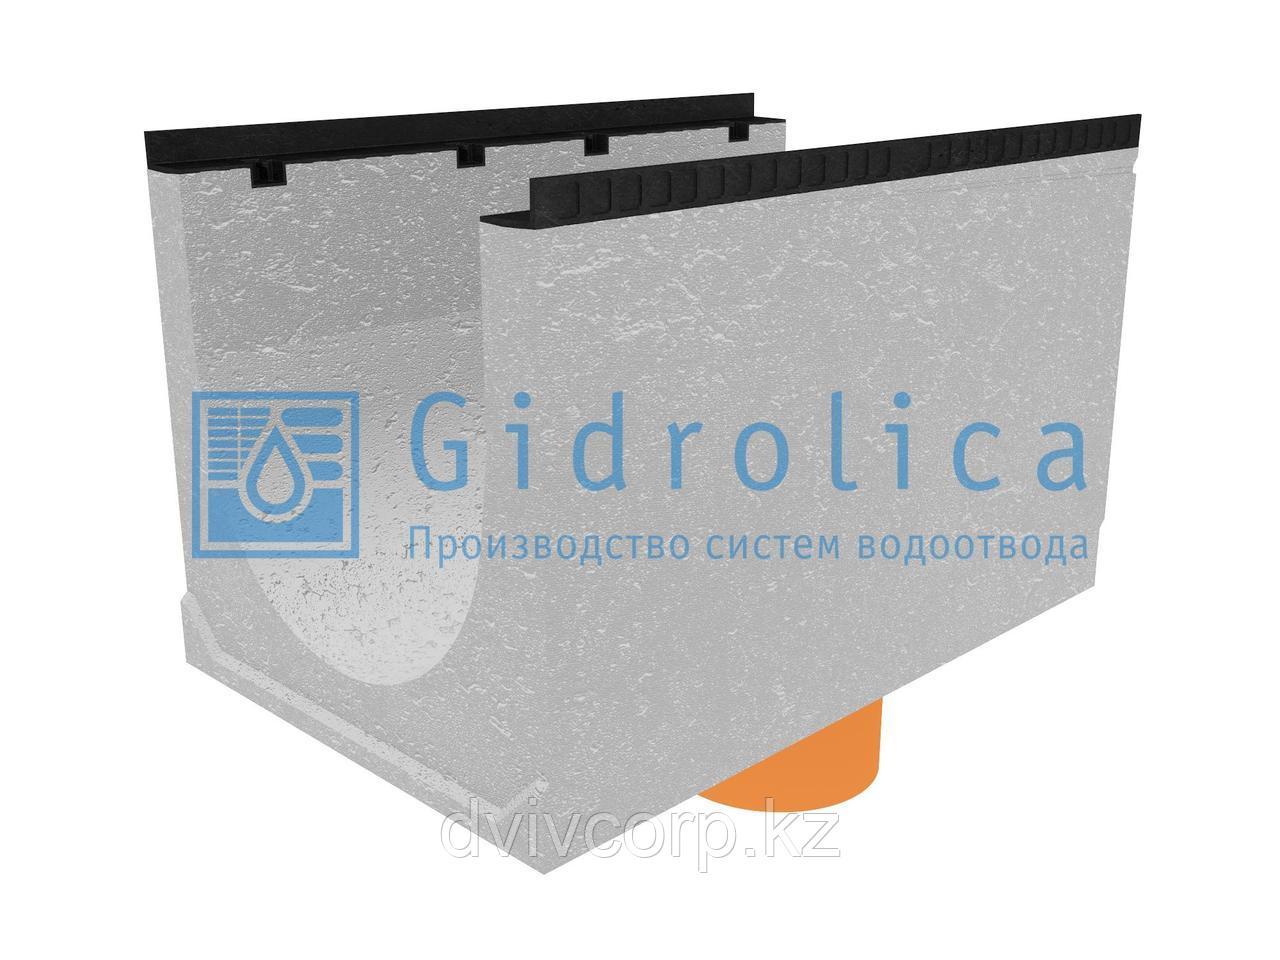 Лоток водоотводный бетонный коробчатый (СО-500мм), с водосливом КUв 100.65(50).62,5(53,5) - BGМ, № 35-0